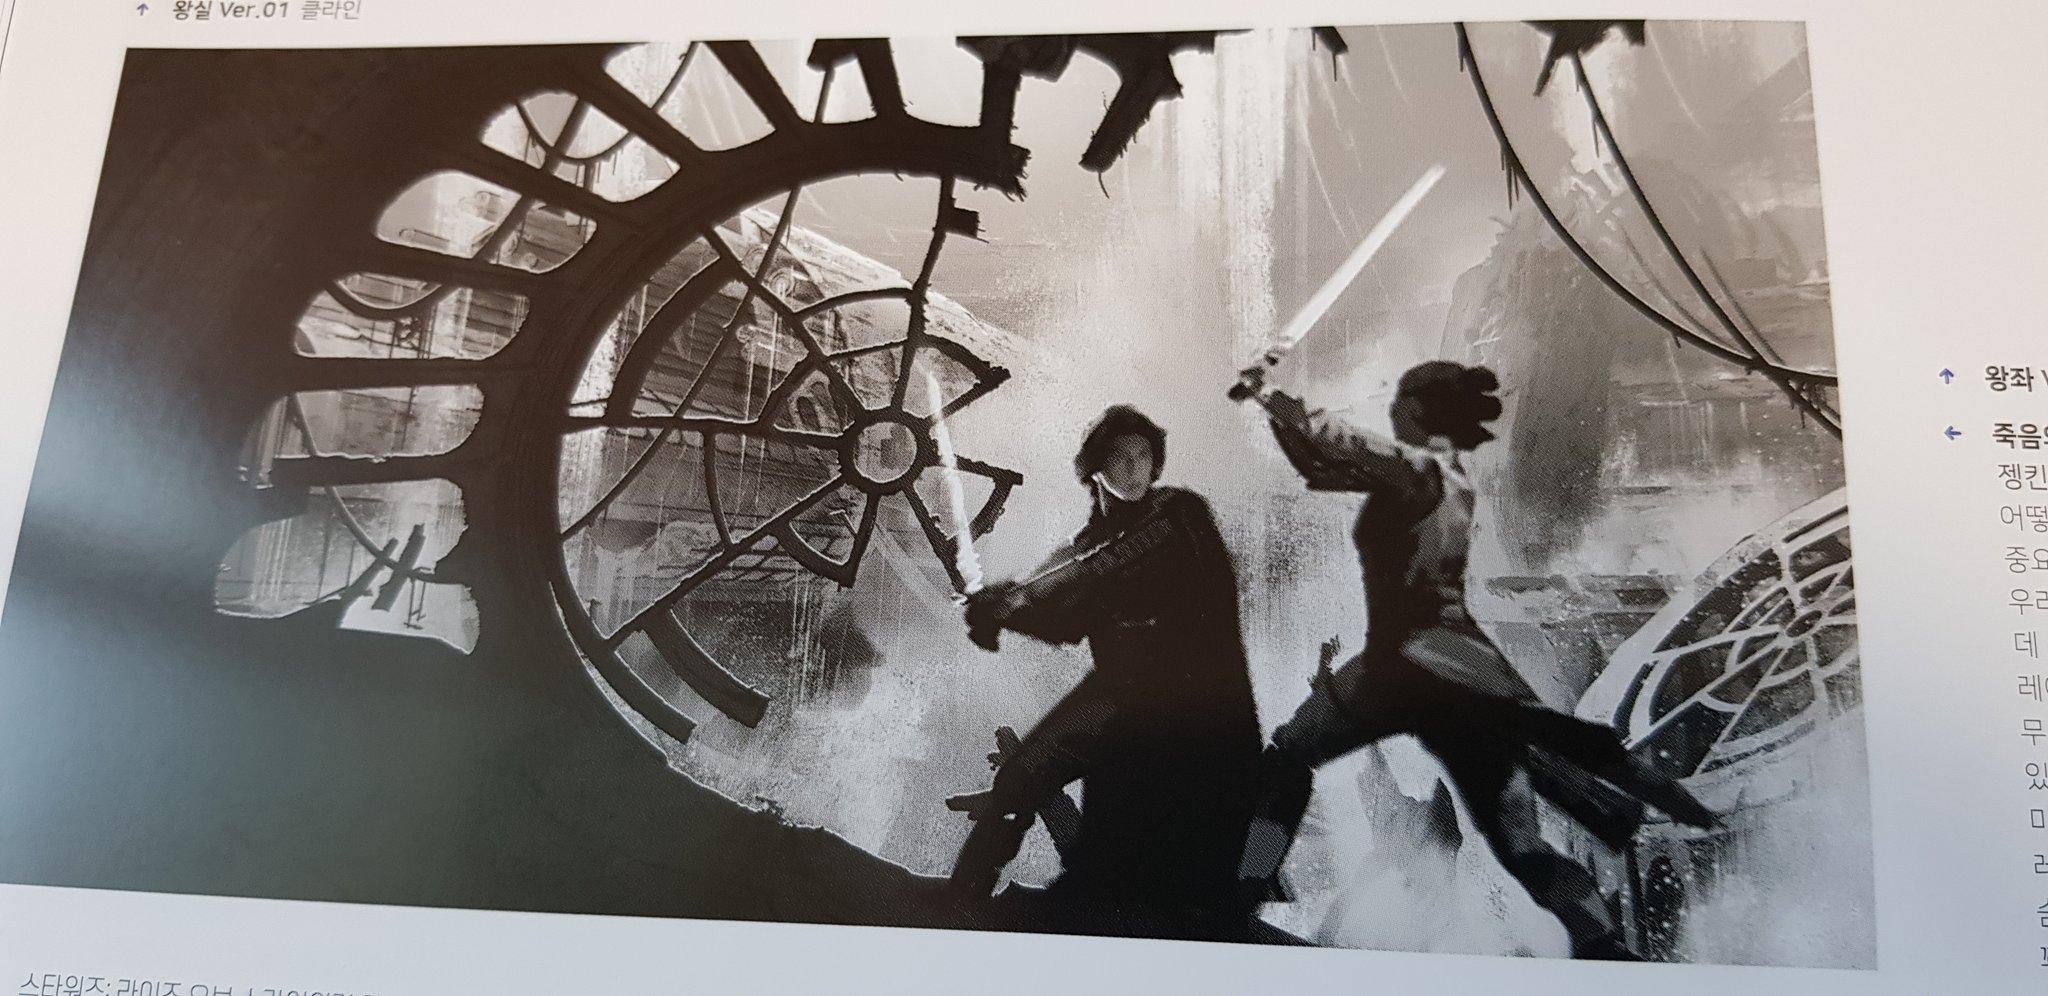 《星战9》未采用原案曝光!克苏鲁西斯大师与暗黑蕾伊